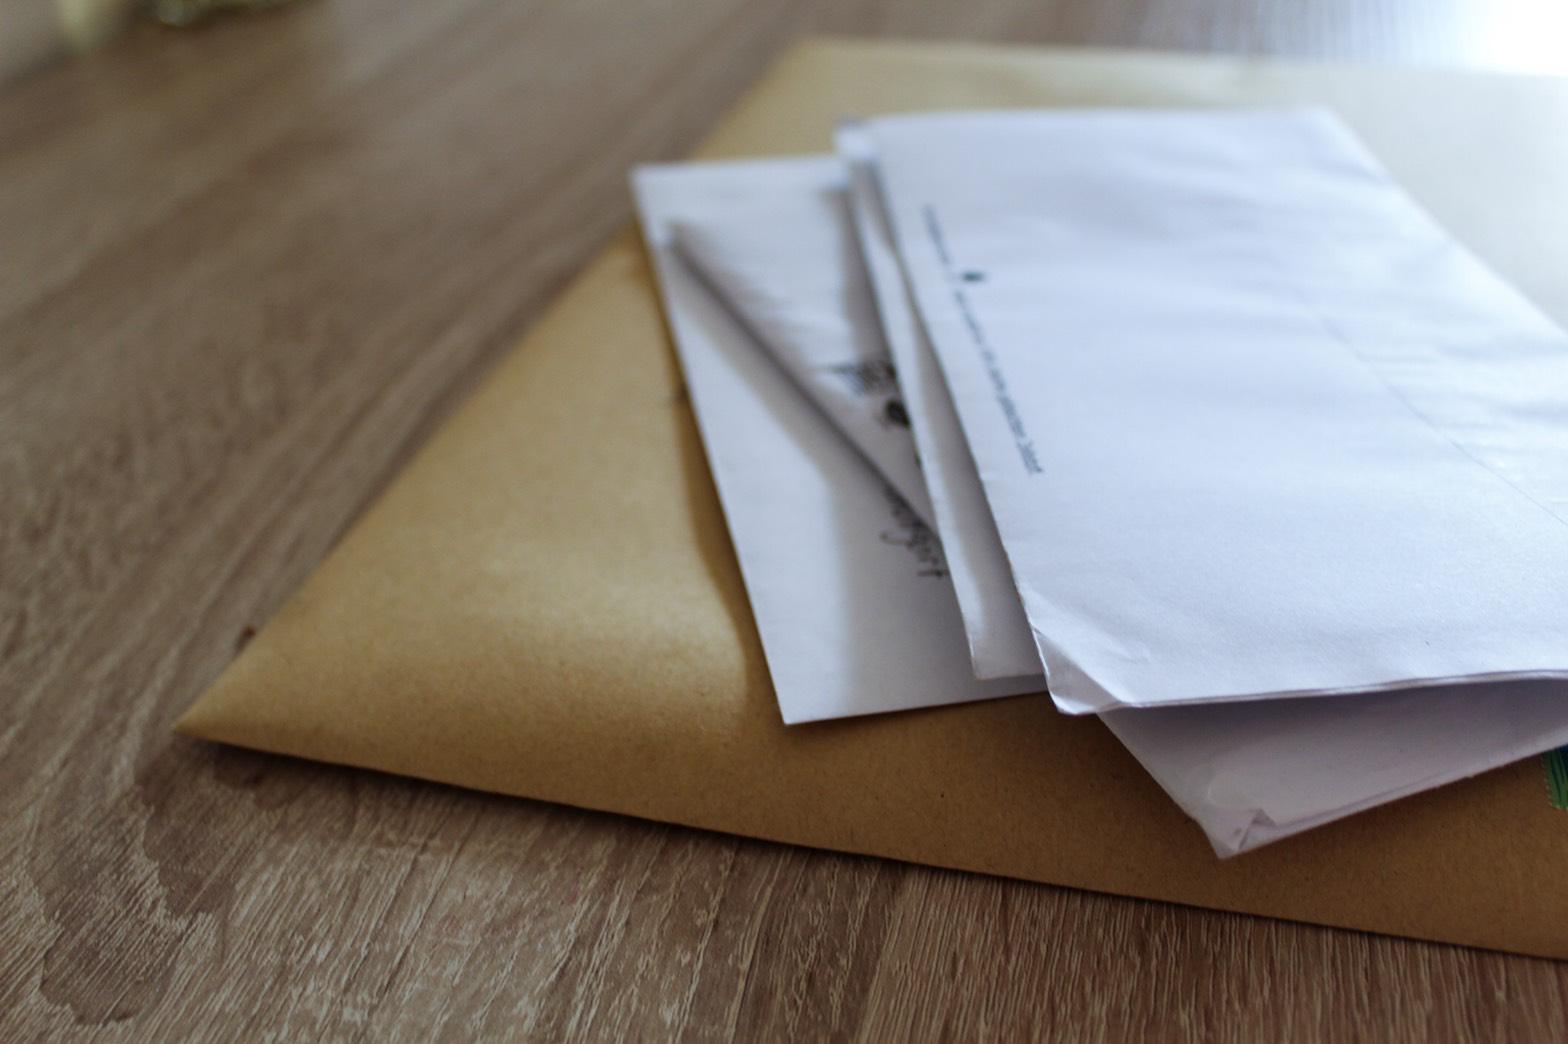 同じ大きさの封筒や郵便物の束の画像